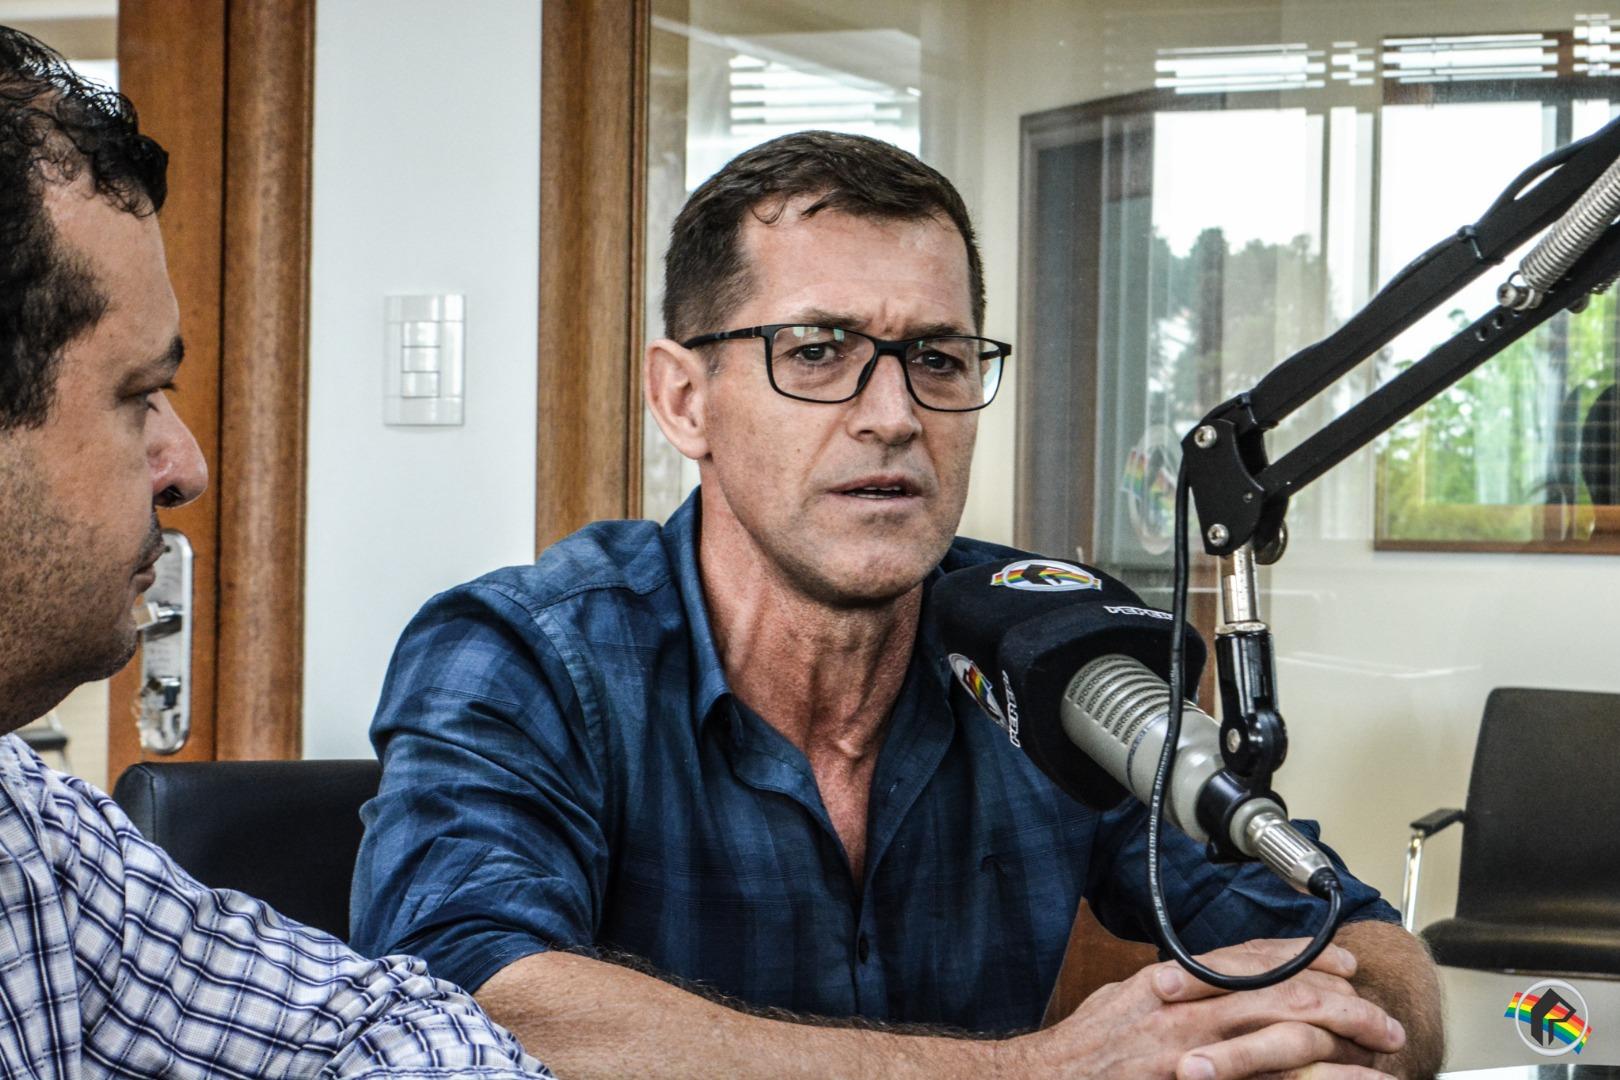 VÍDEO: Peperi Debates fala sobre a segurança nas praças públicas